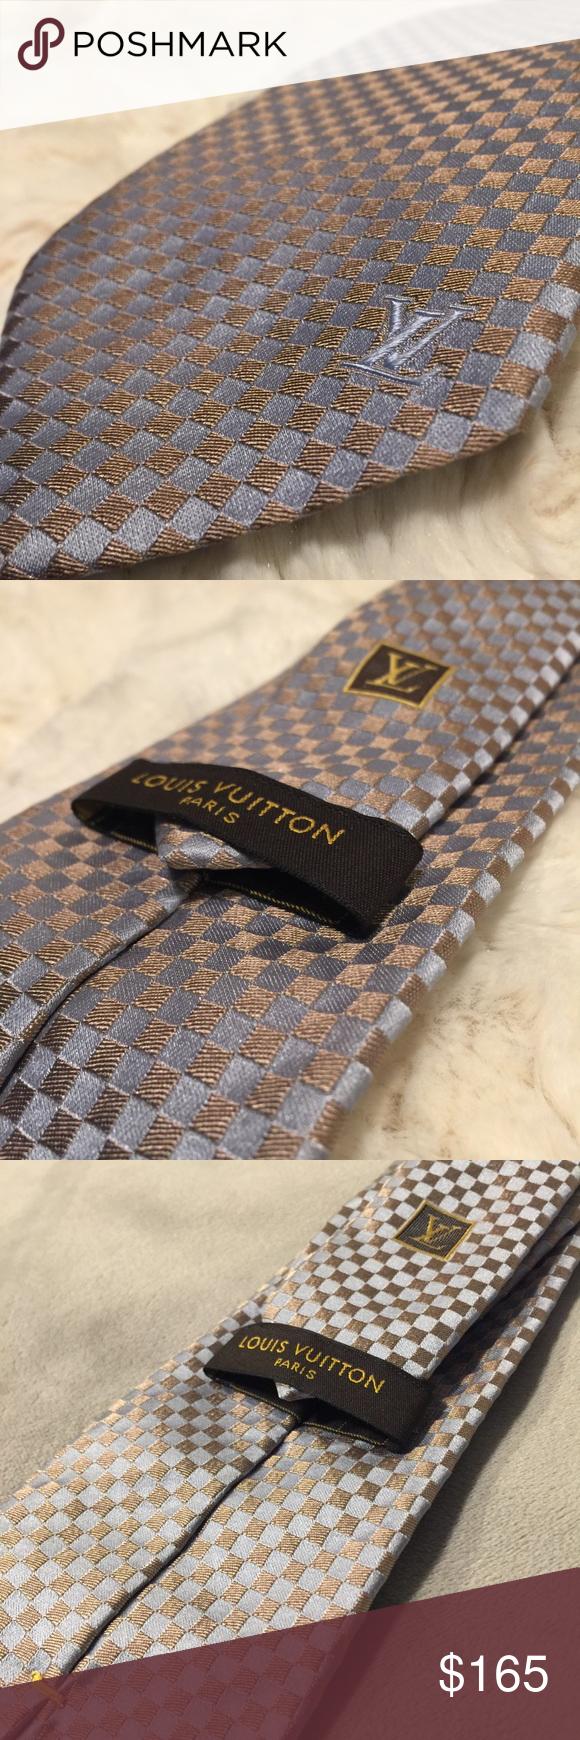 4597f6988344 LOUIS VUITTON Sml Damier Classiques Tie ✨Authentic SMALL DAMIER CLASSIQUE  TIE 👔 Blue Gold